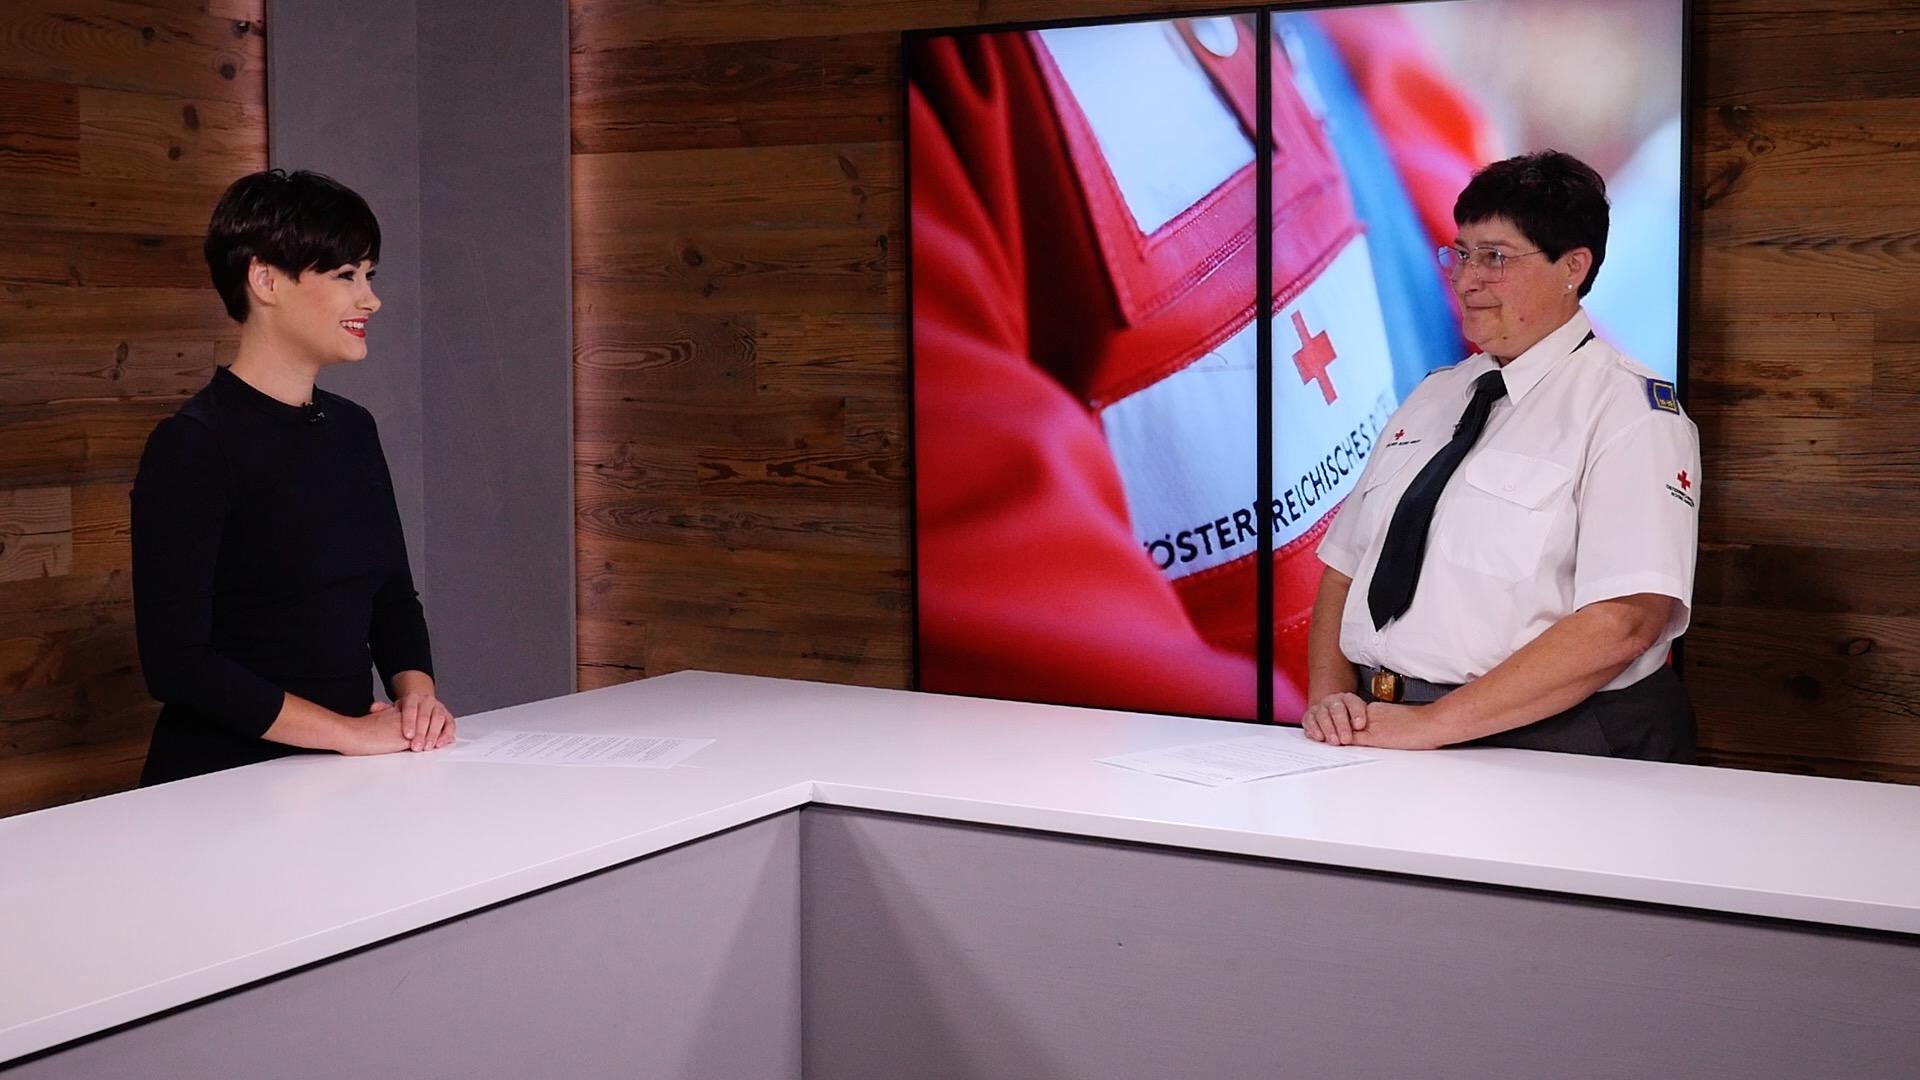 Die erste Frau an der Spitze des Roten Kreuzes